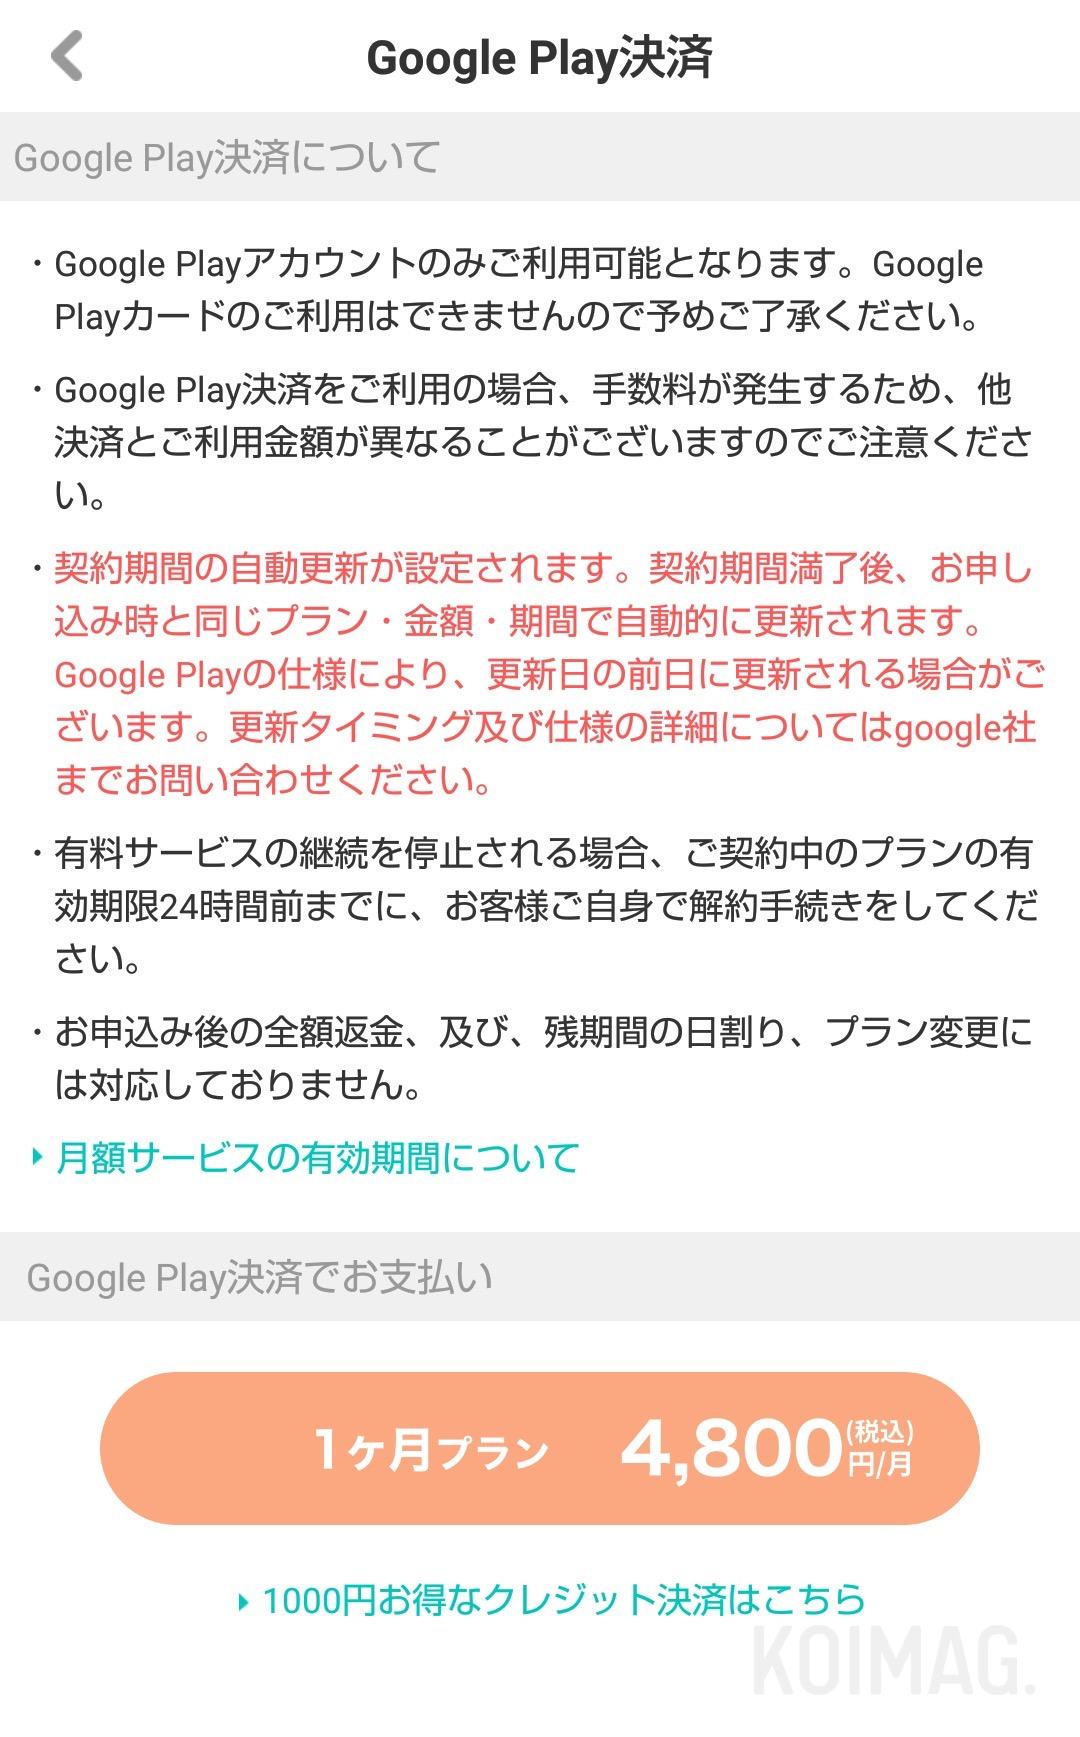 デーティングアプリ『QooN』の有料会員料金は、Google Play決済なら、1ヶ月プラン 月額4,800円(税込)。